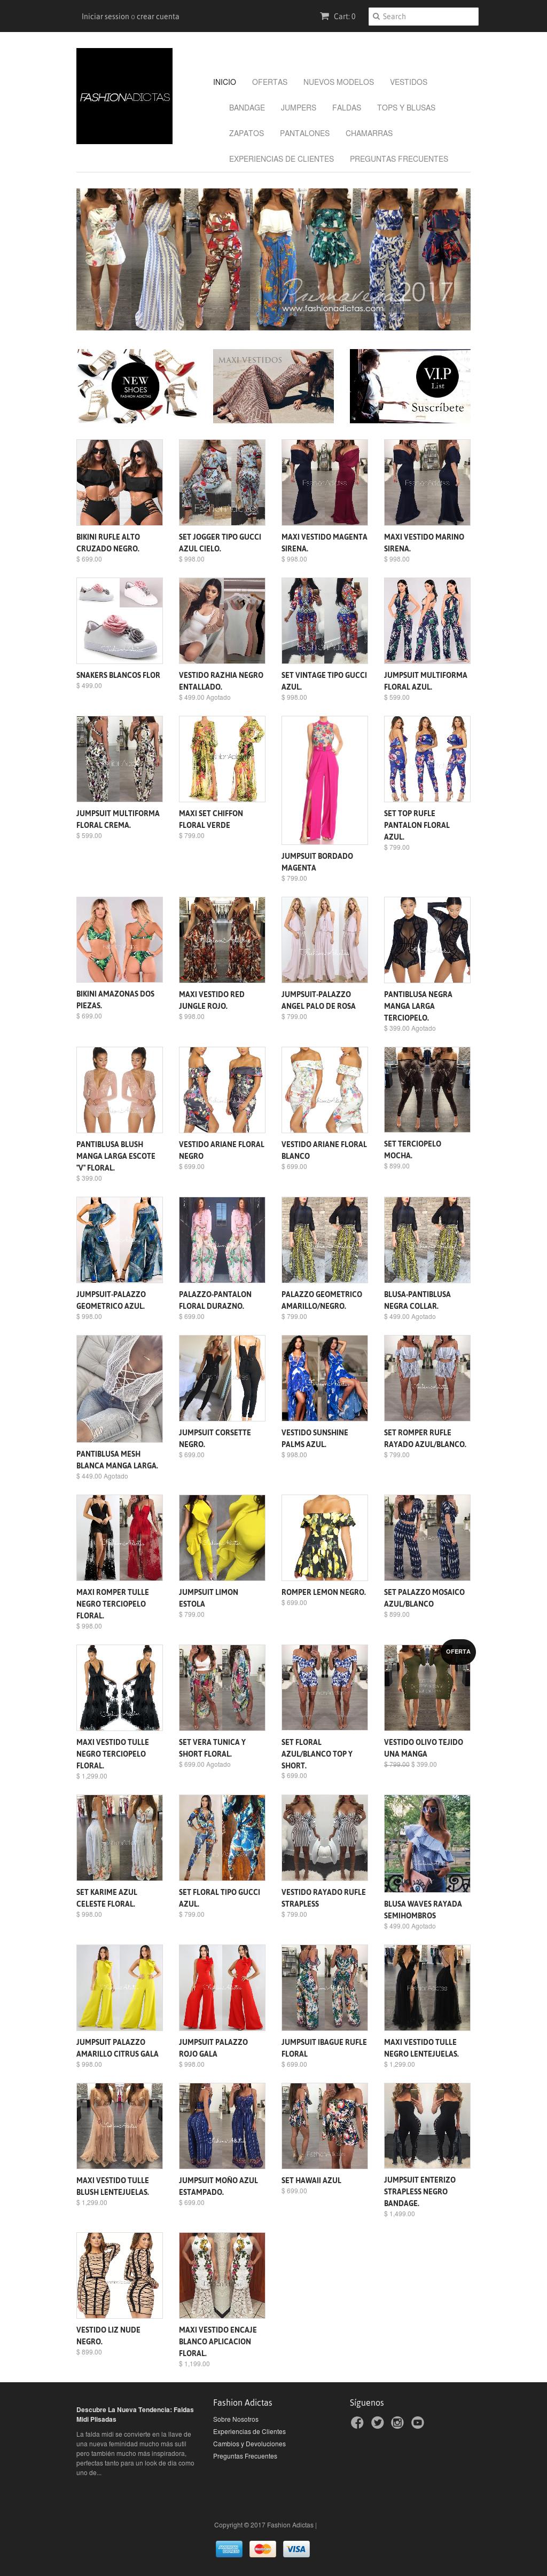 da268c956d Fashion Adictas Competitors